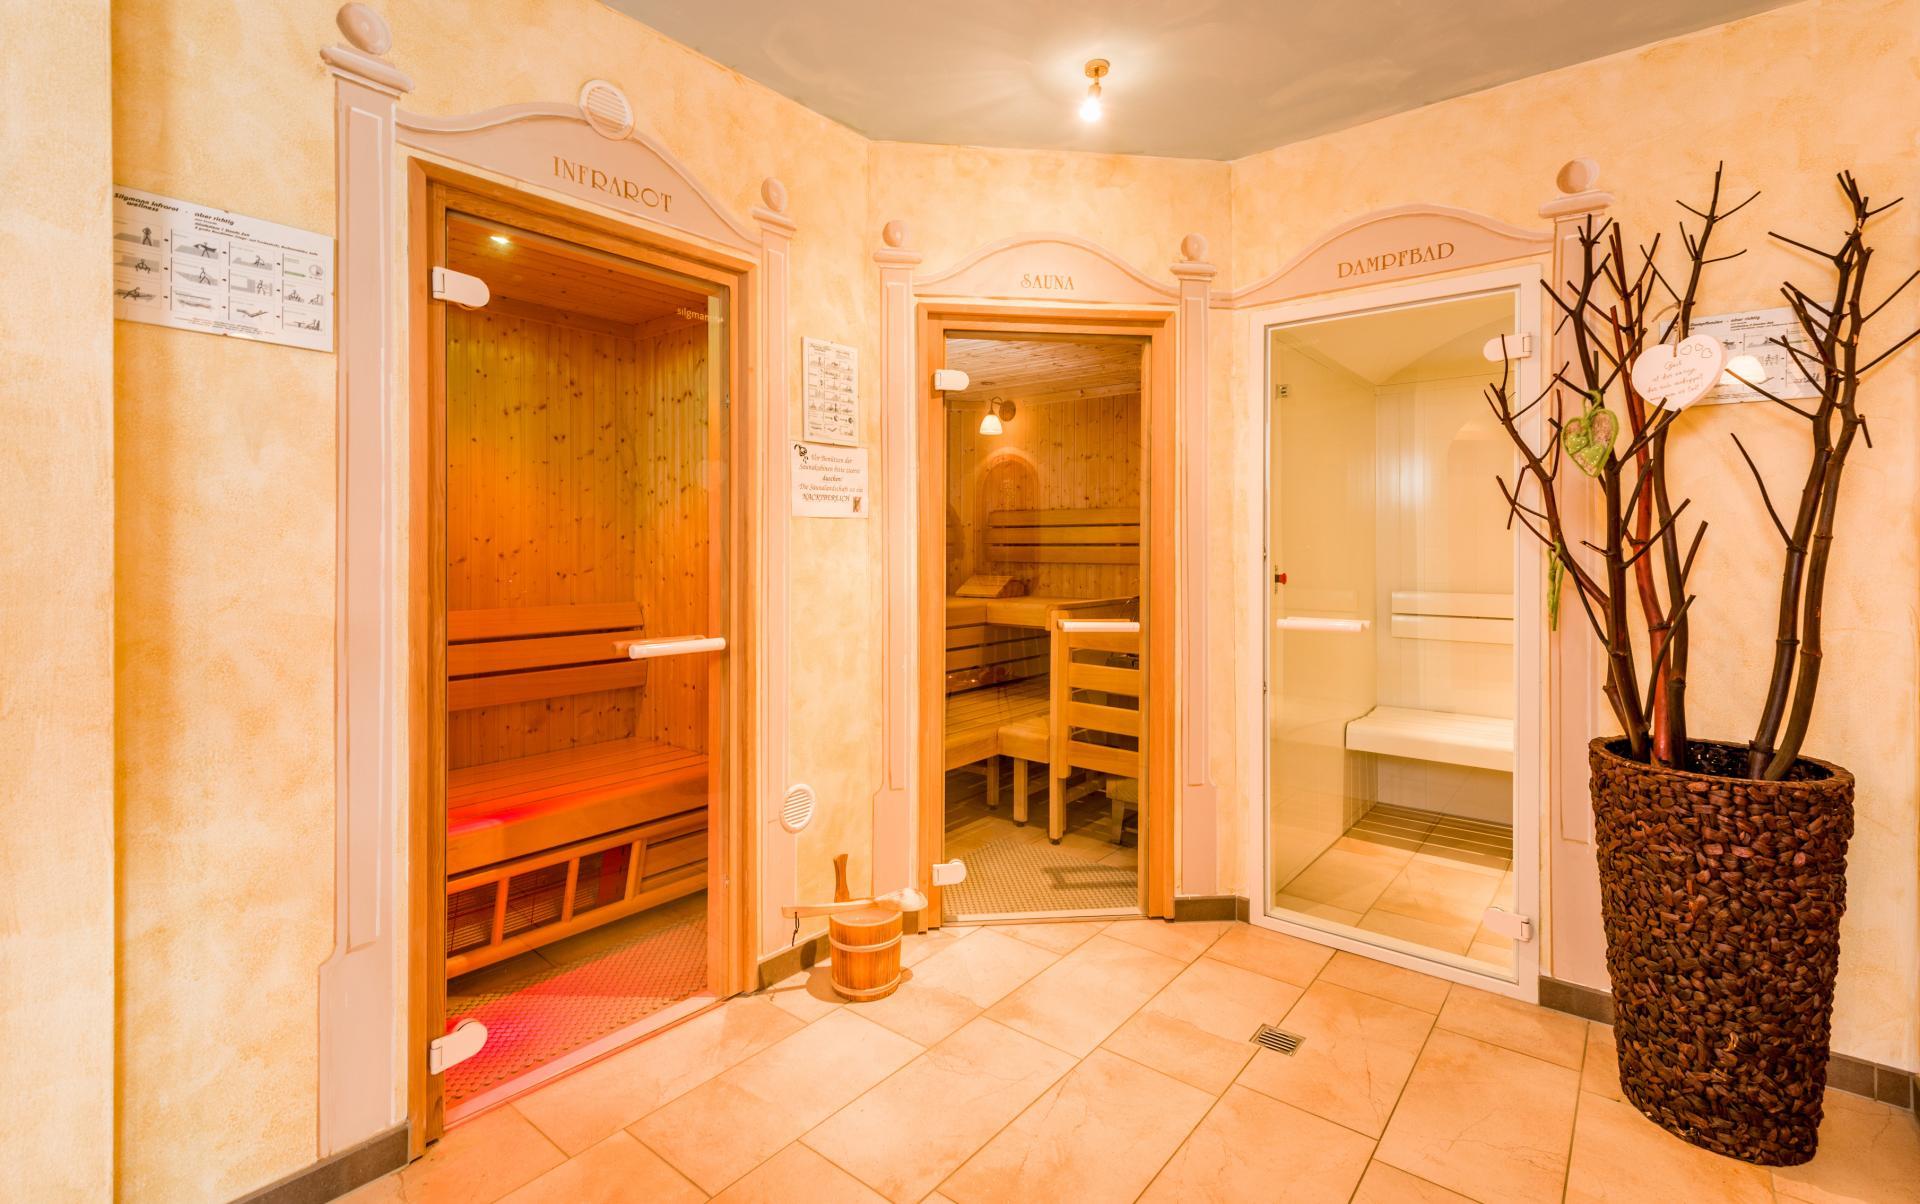 4 Sterne Zugspitzhof Ehrwald #Bildergalerie#Wellness